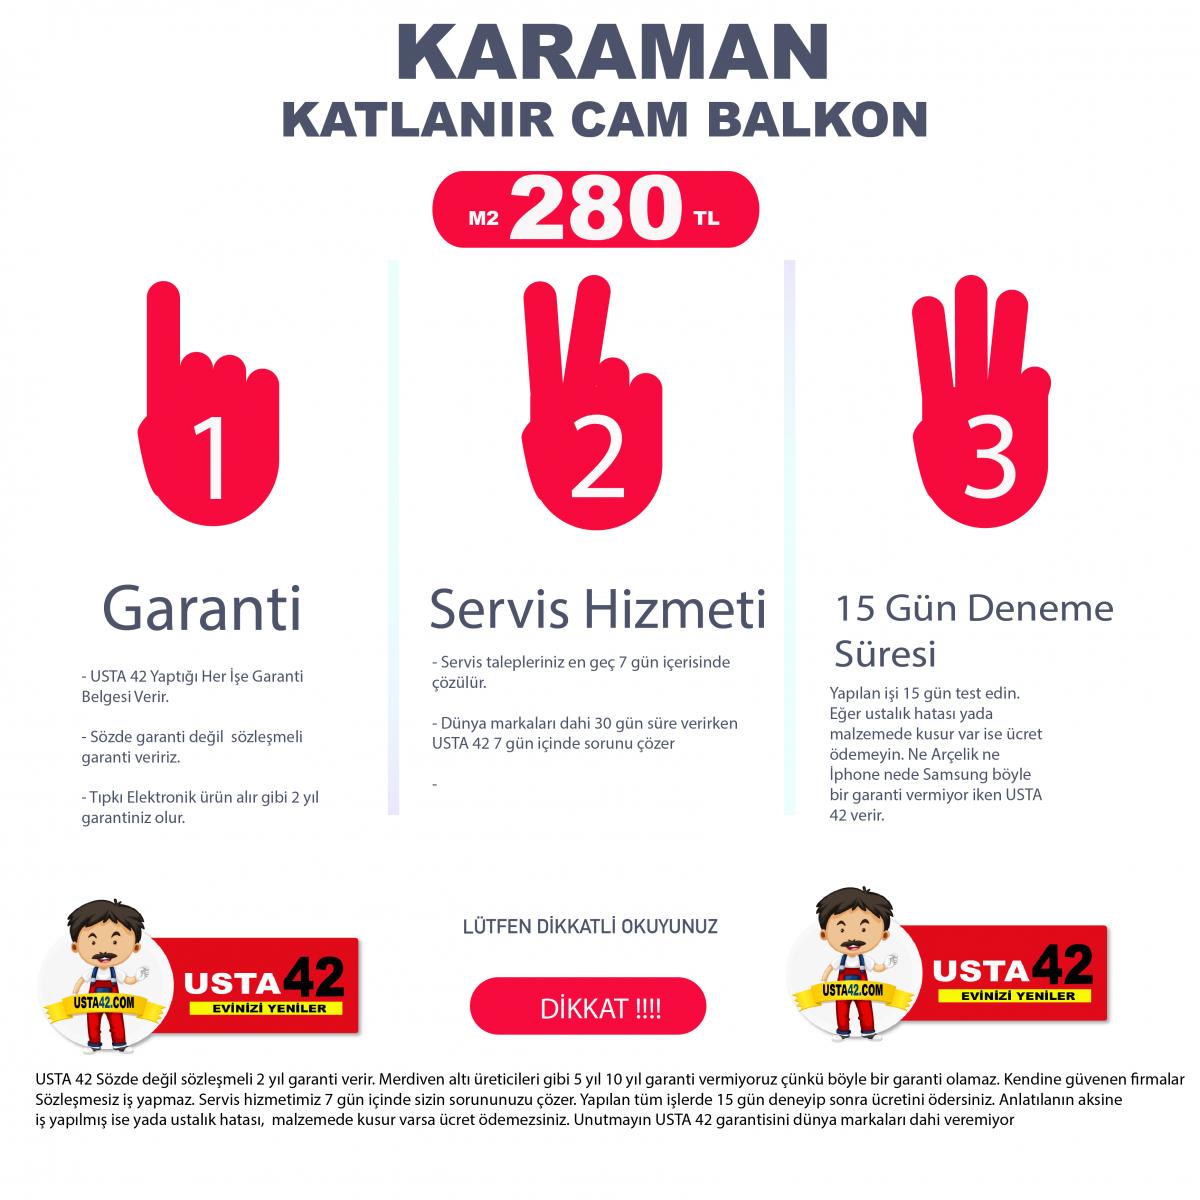 KARAMAN CAM BALKON